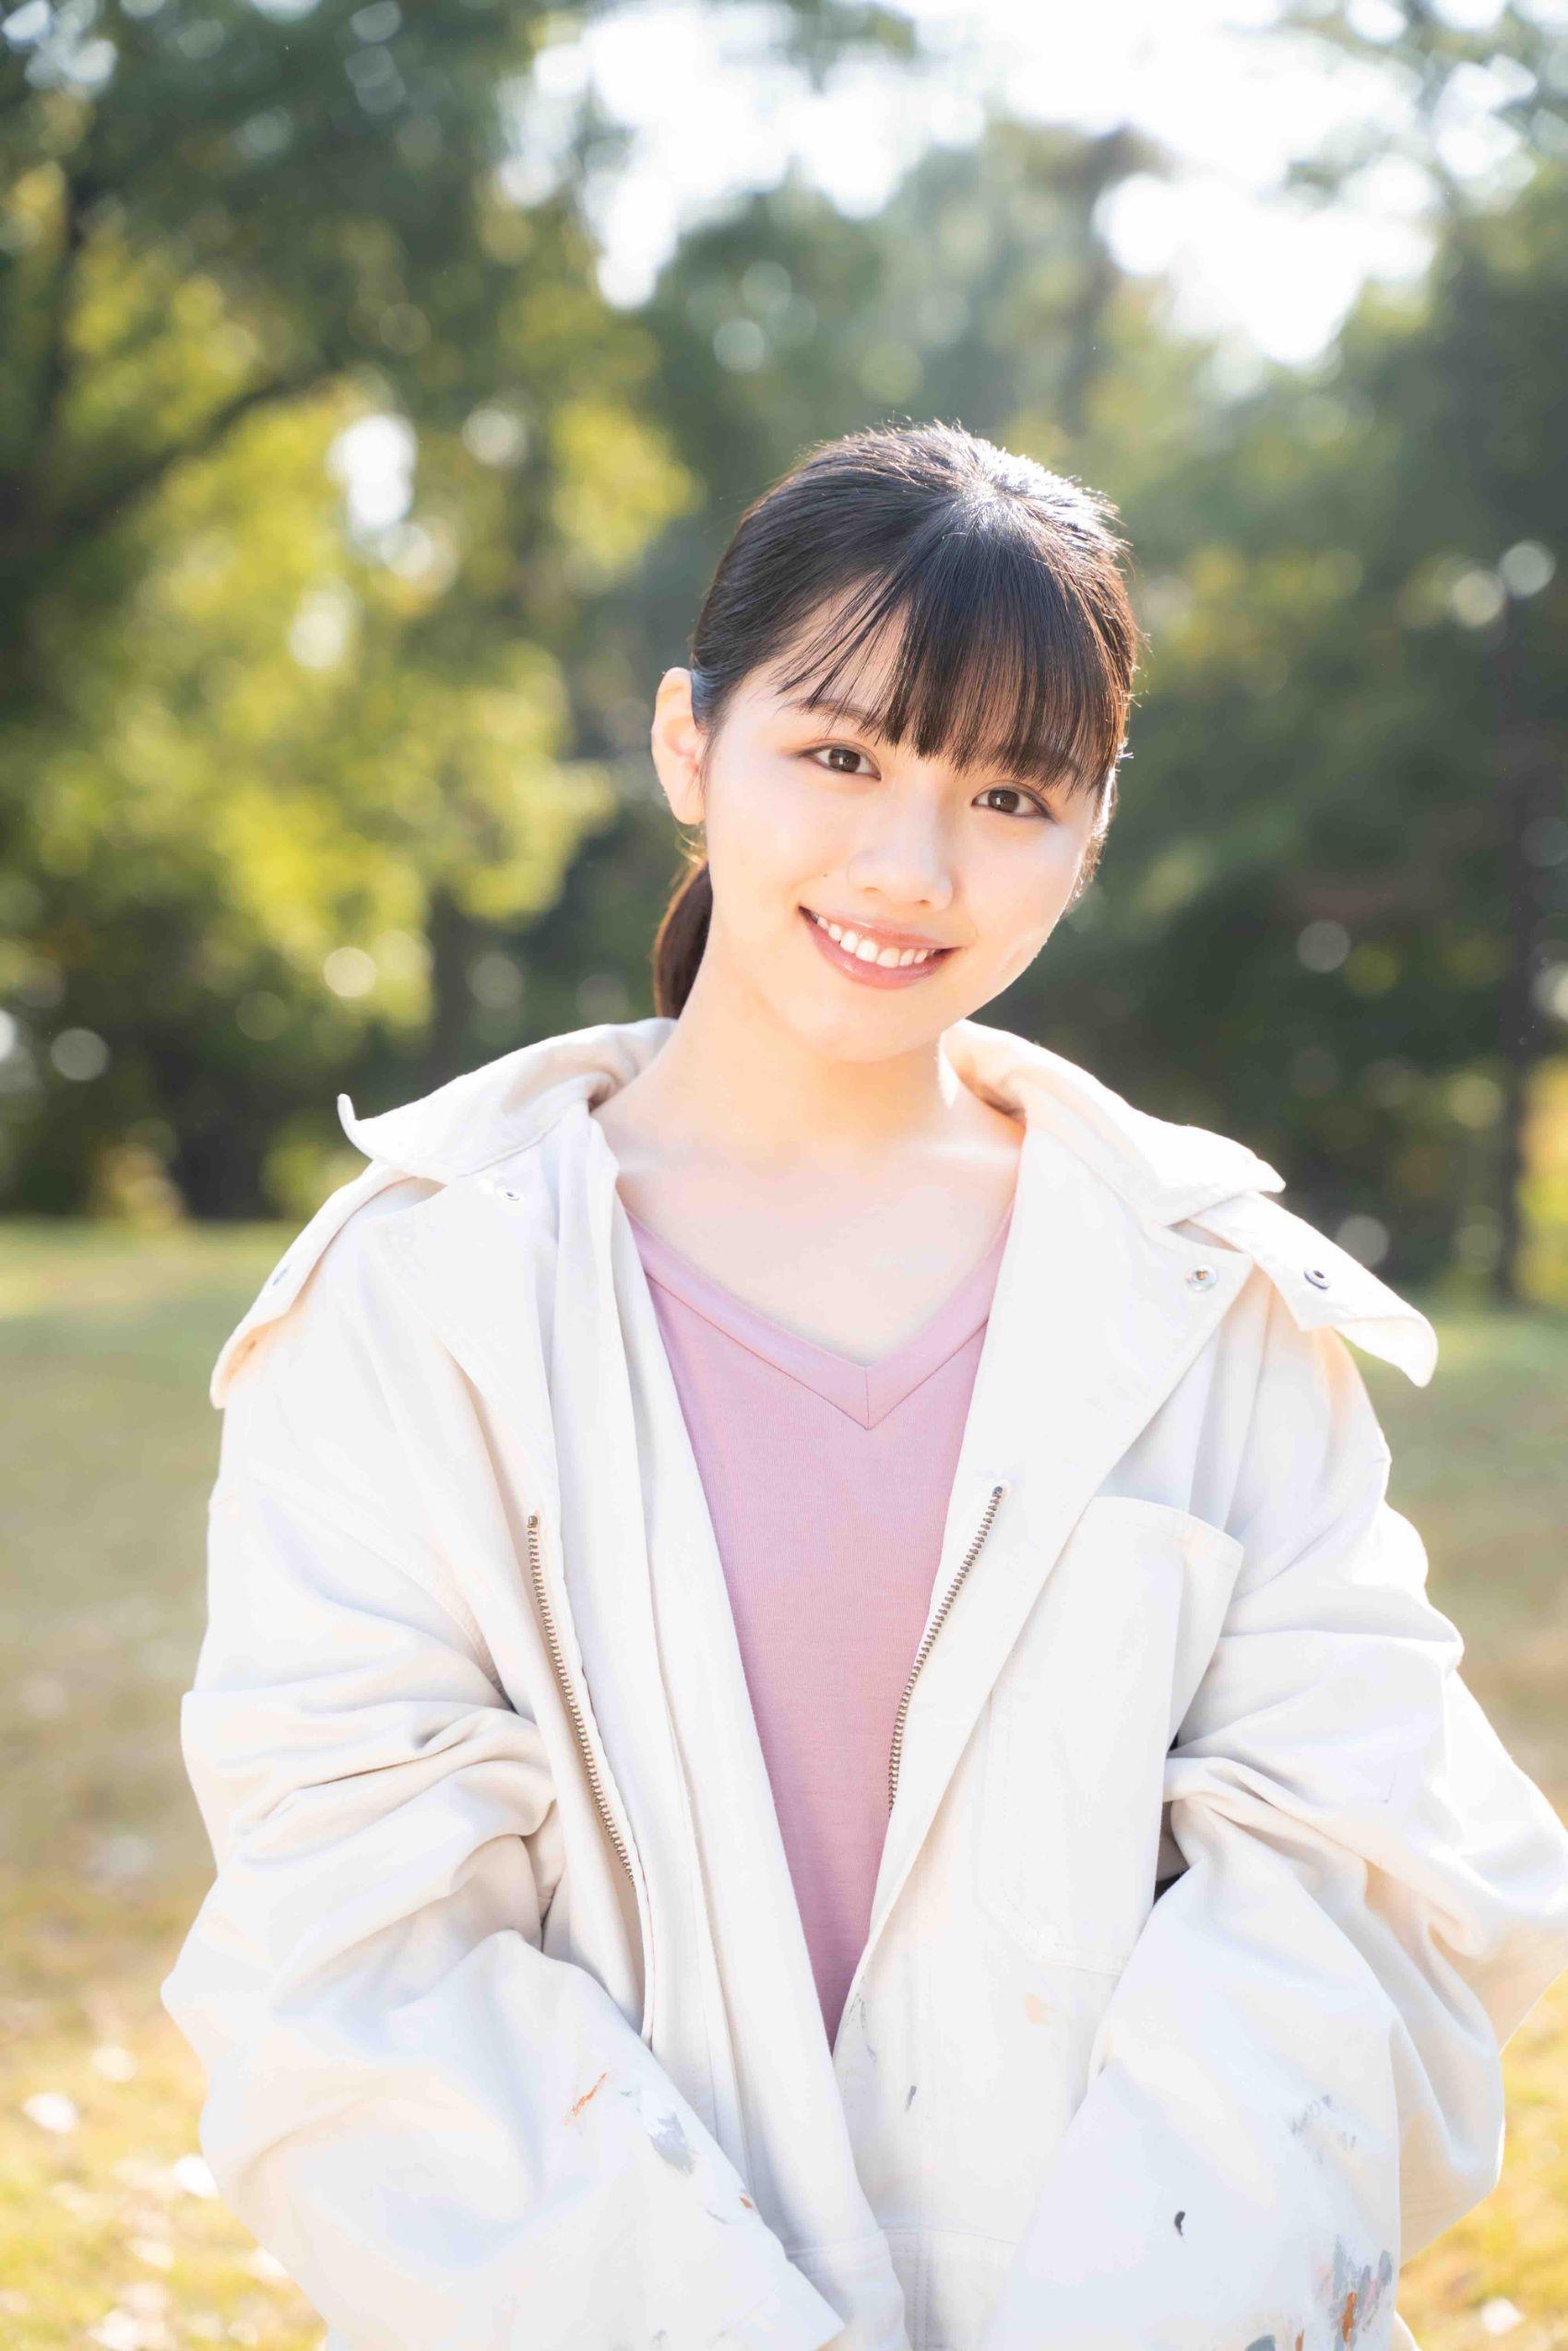 渡邉美穂(日向坂46) (C)NTV